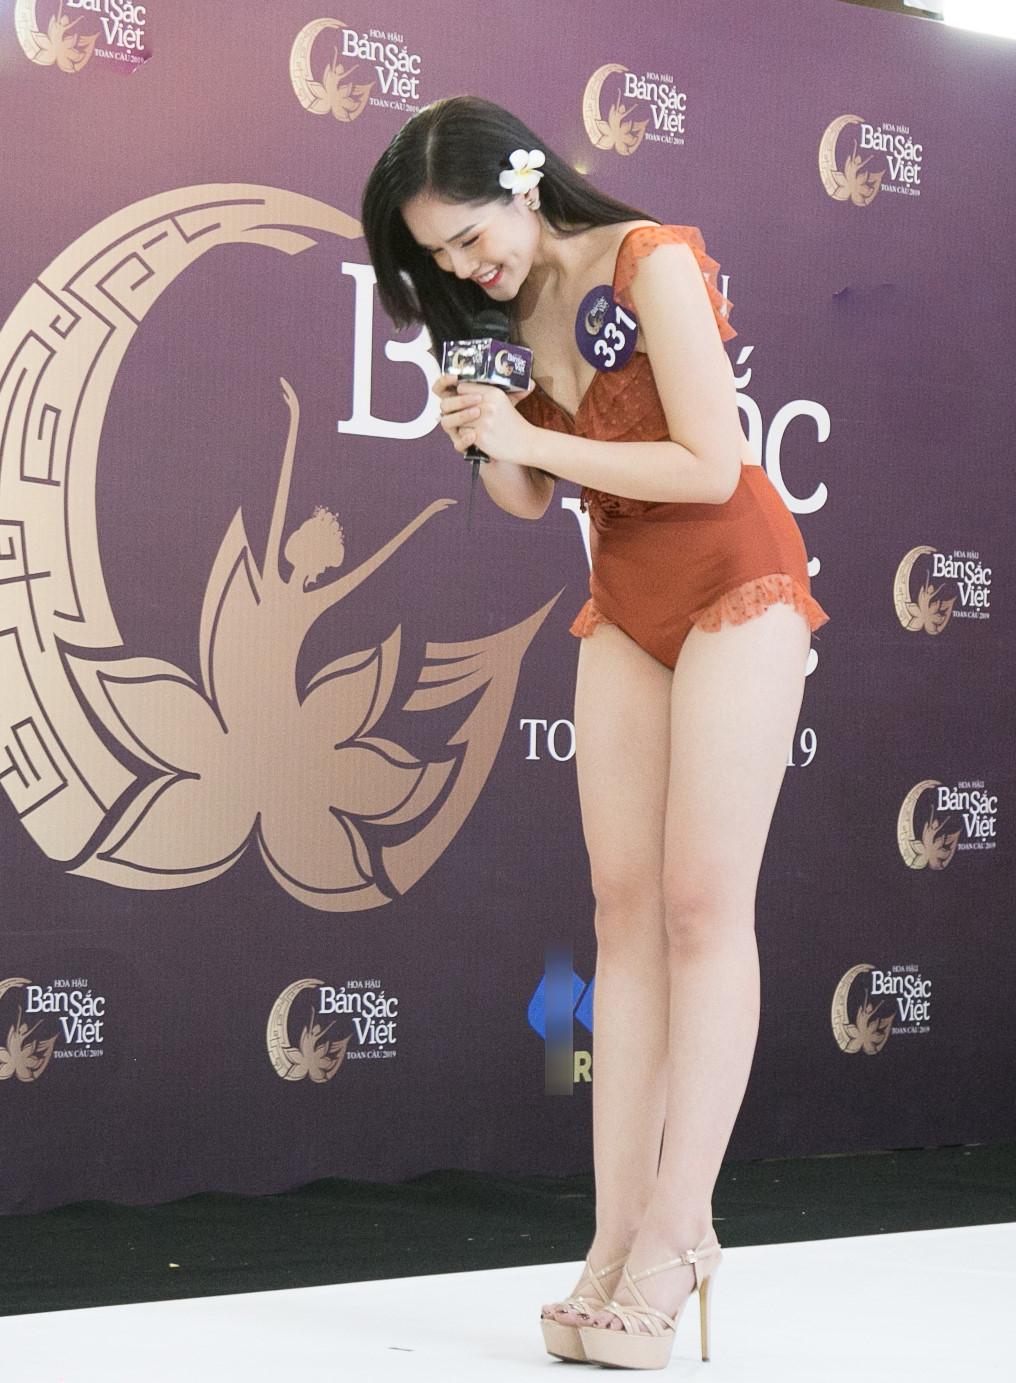 Thí sinh Hoa hậu Bản sắc Việt mặc áo tắm thi hình thể: Mặt xinh, eo to-2